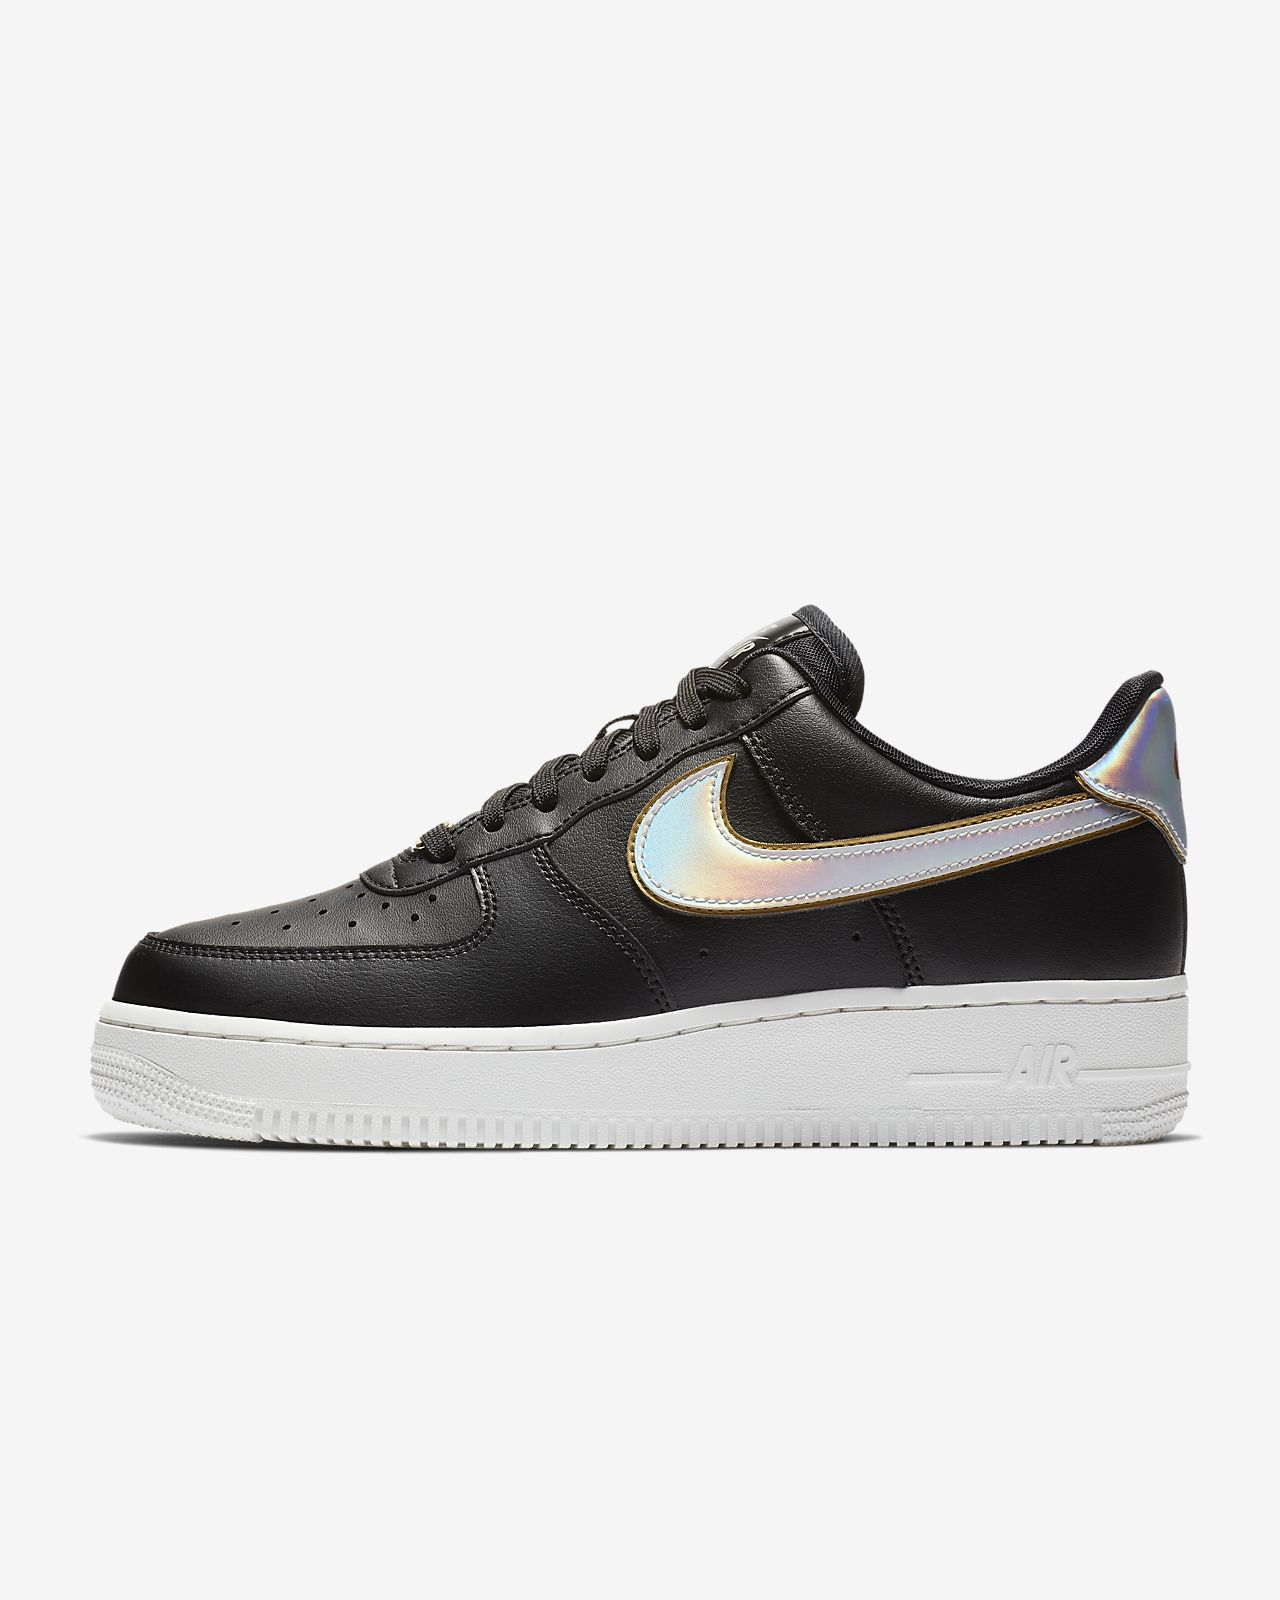 Sko Nike Air Force 1 '07 Metallic för kvinnor